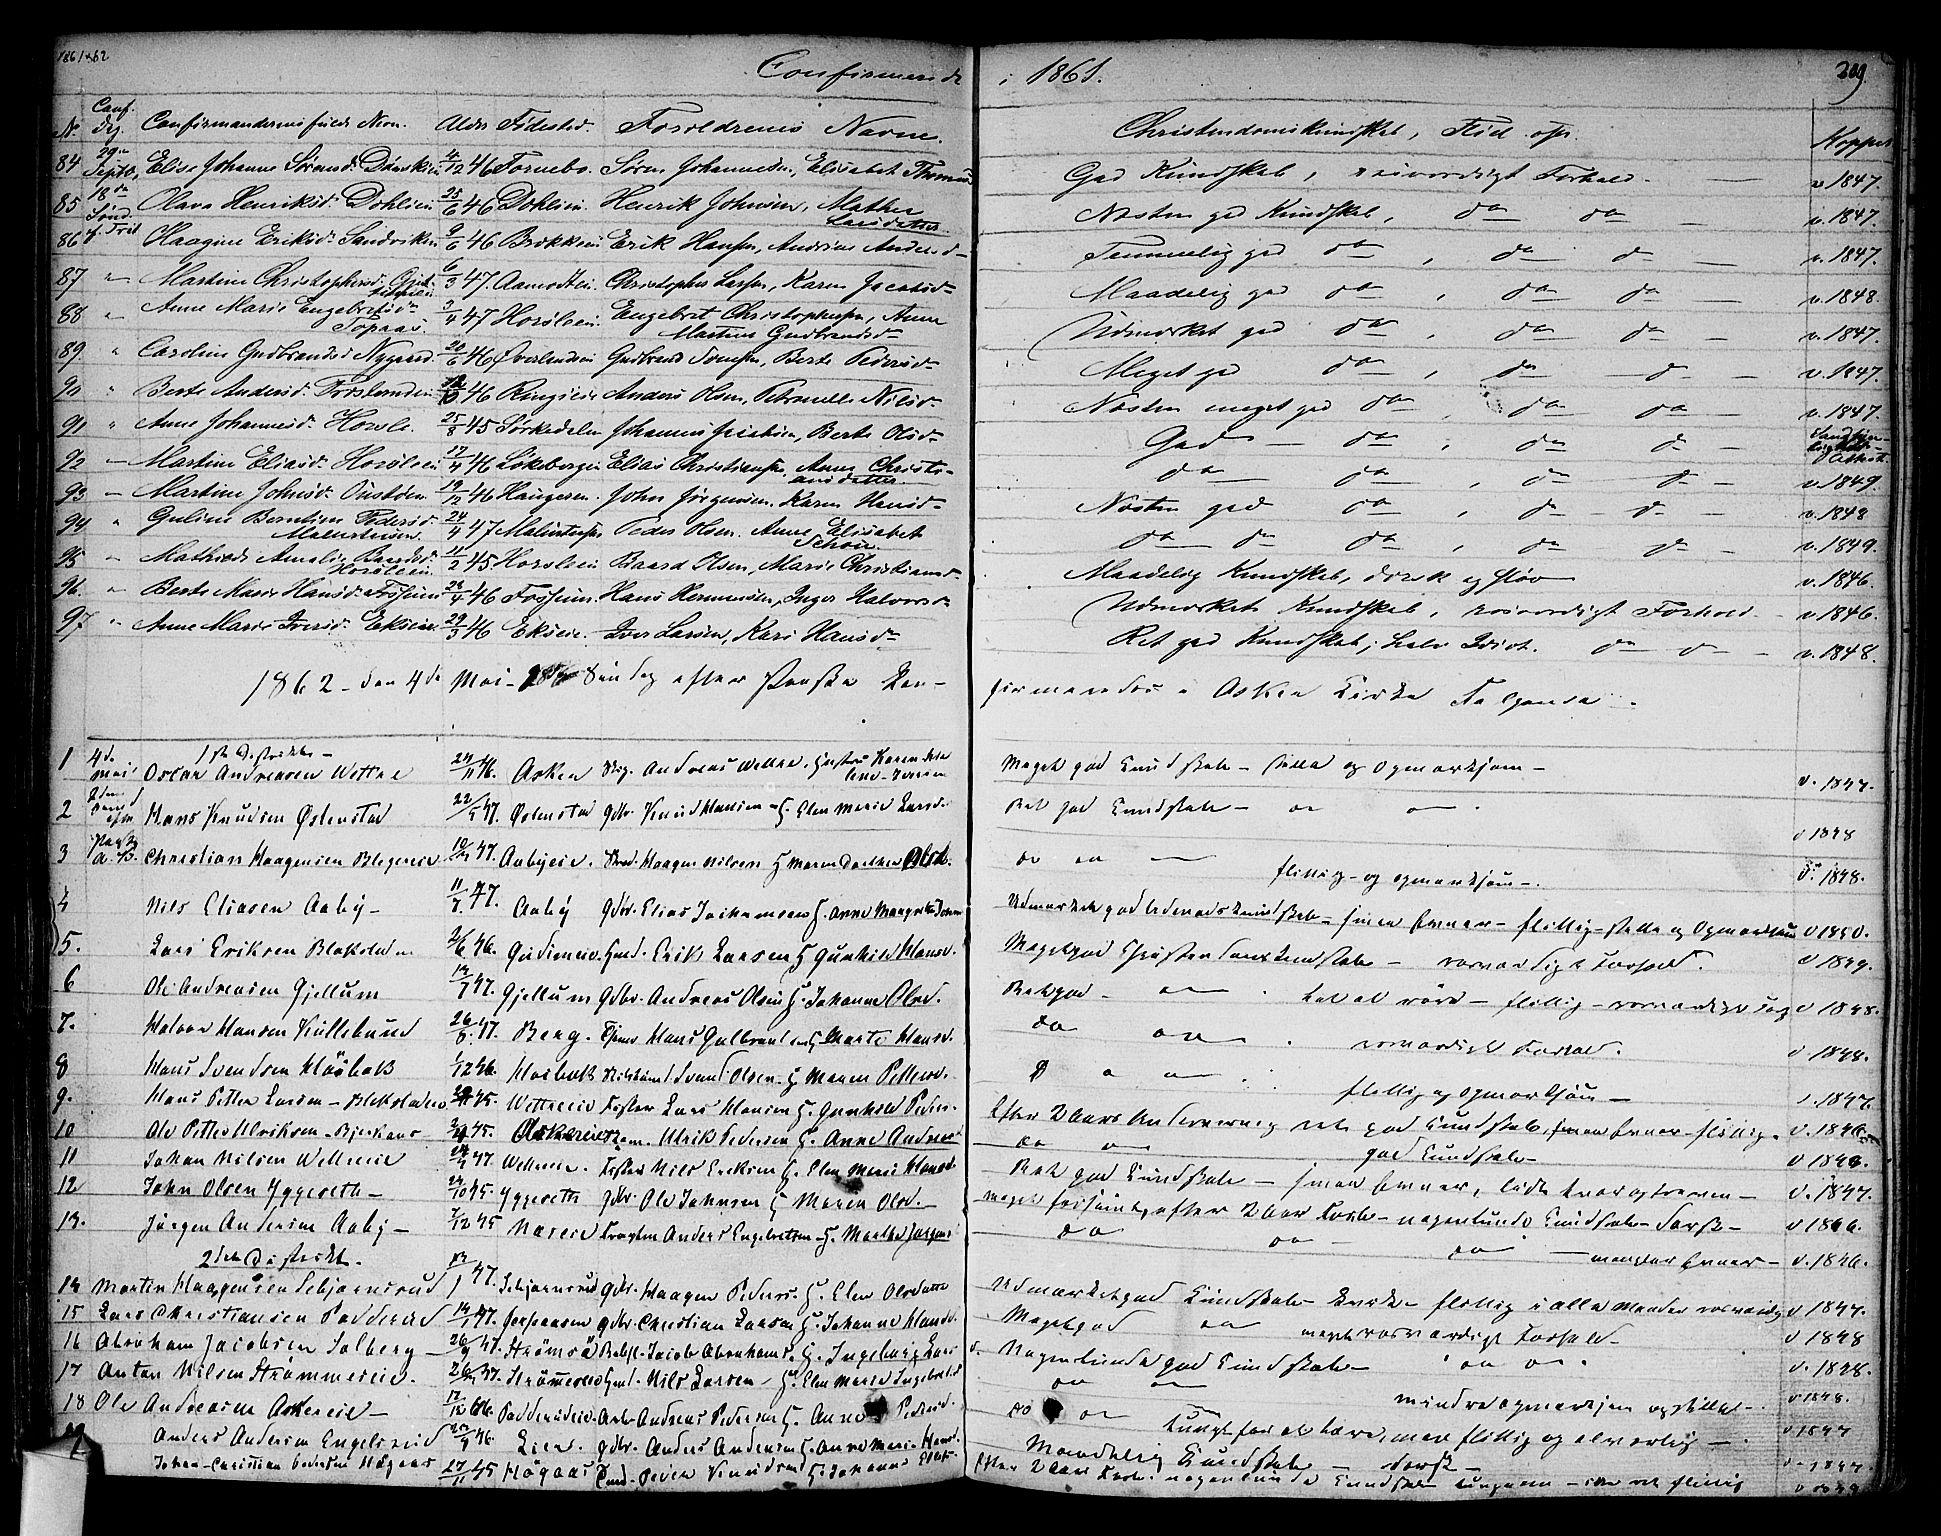 SAO, Asker prestekontor Kirkebøker, F/Fa/L0009: Ministerialbok nr. I 9, 1825-1878, s. 209